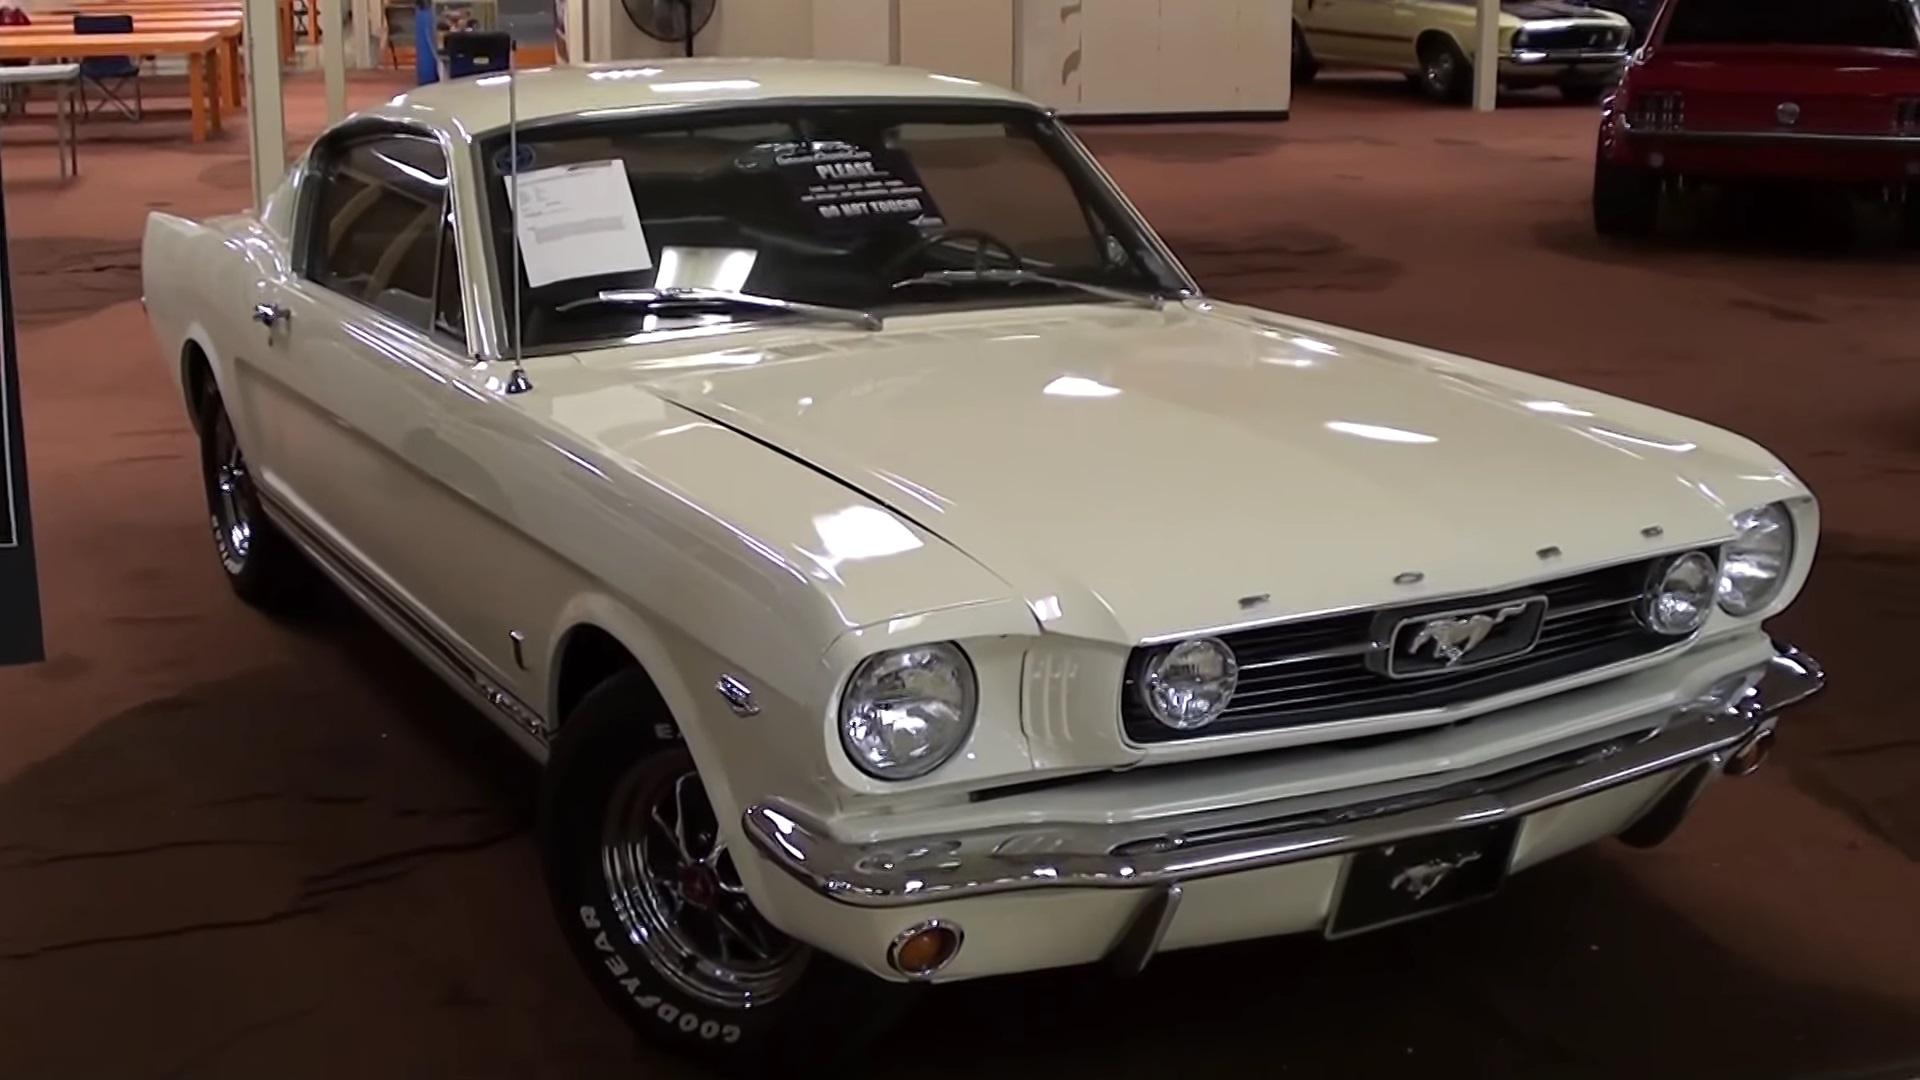 Restored 1966 Ford Mustang Fastback V8 Walkaround